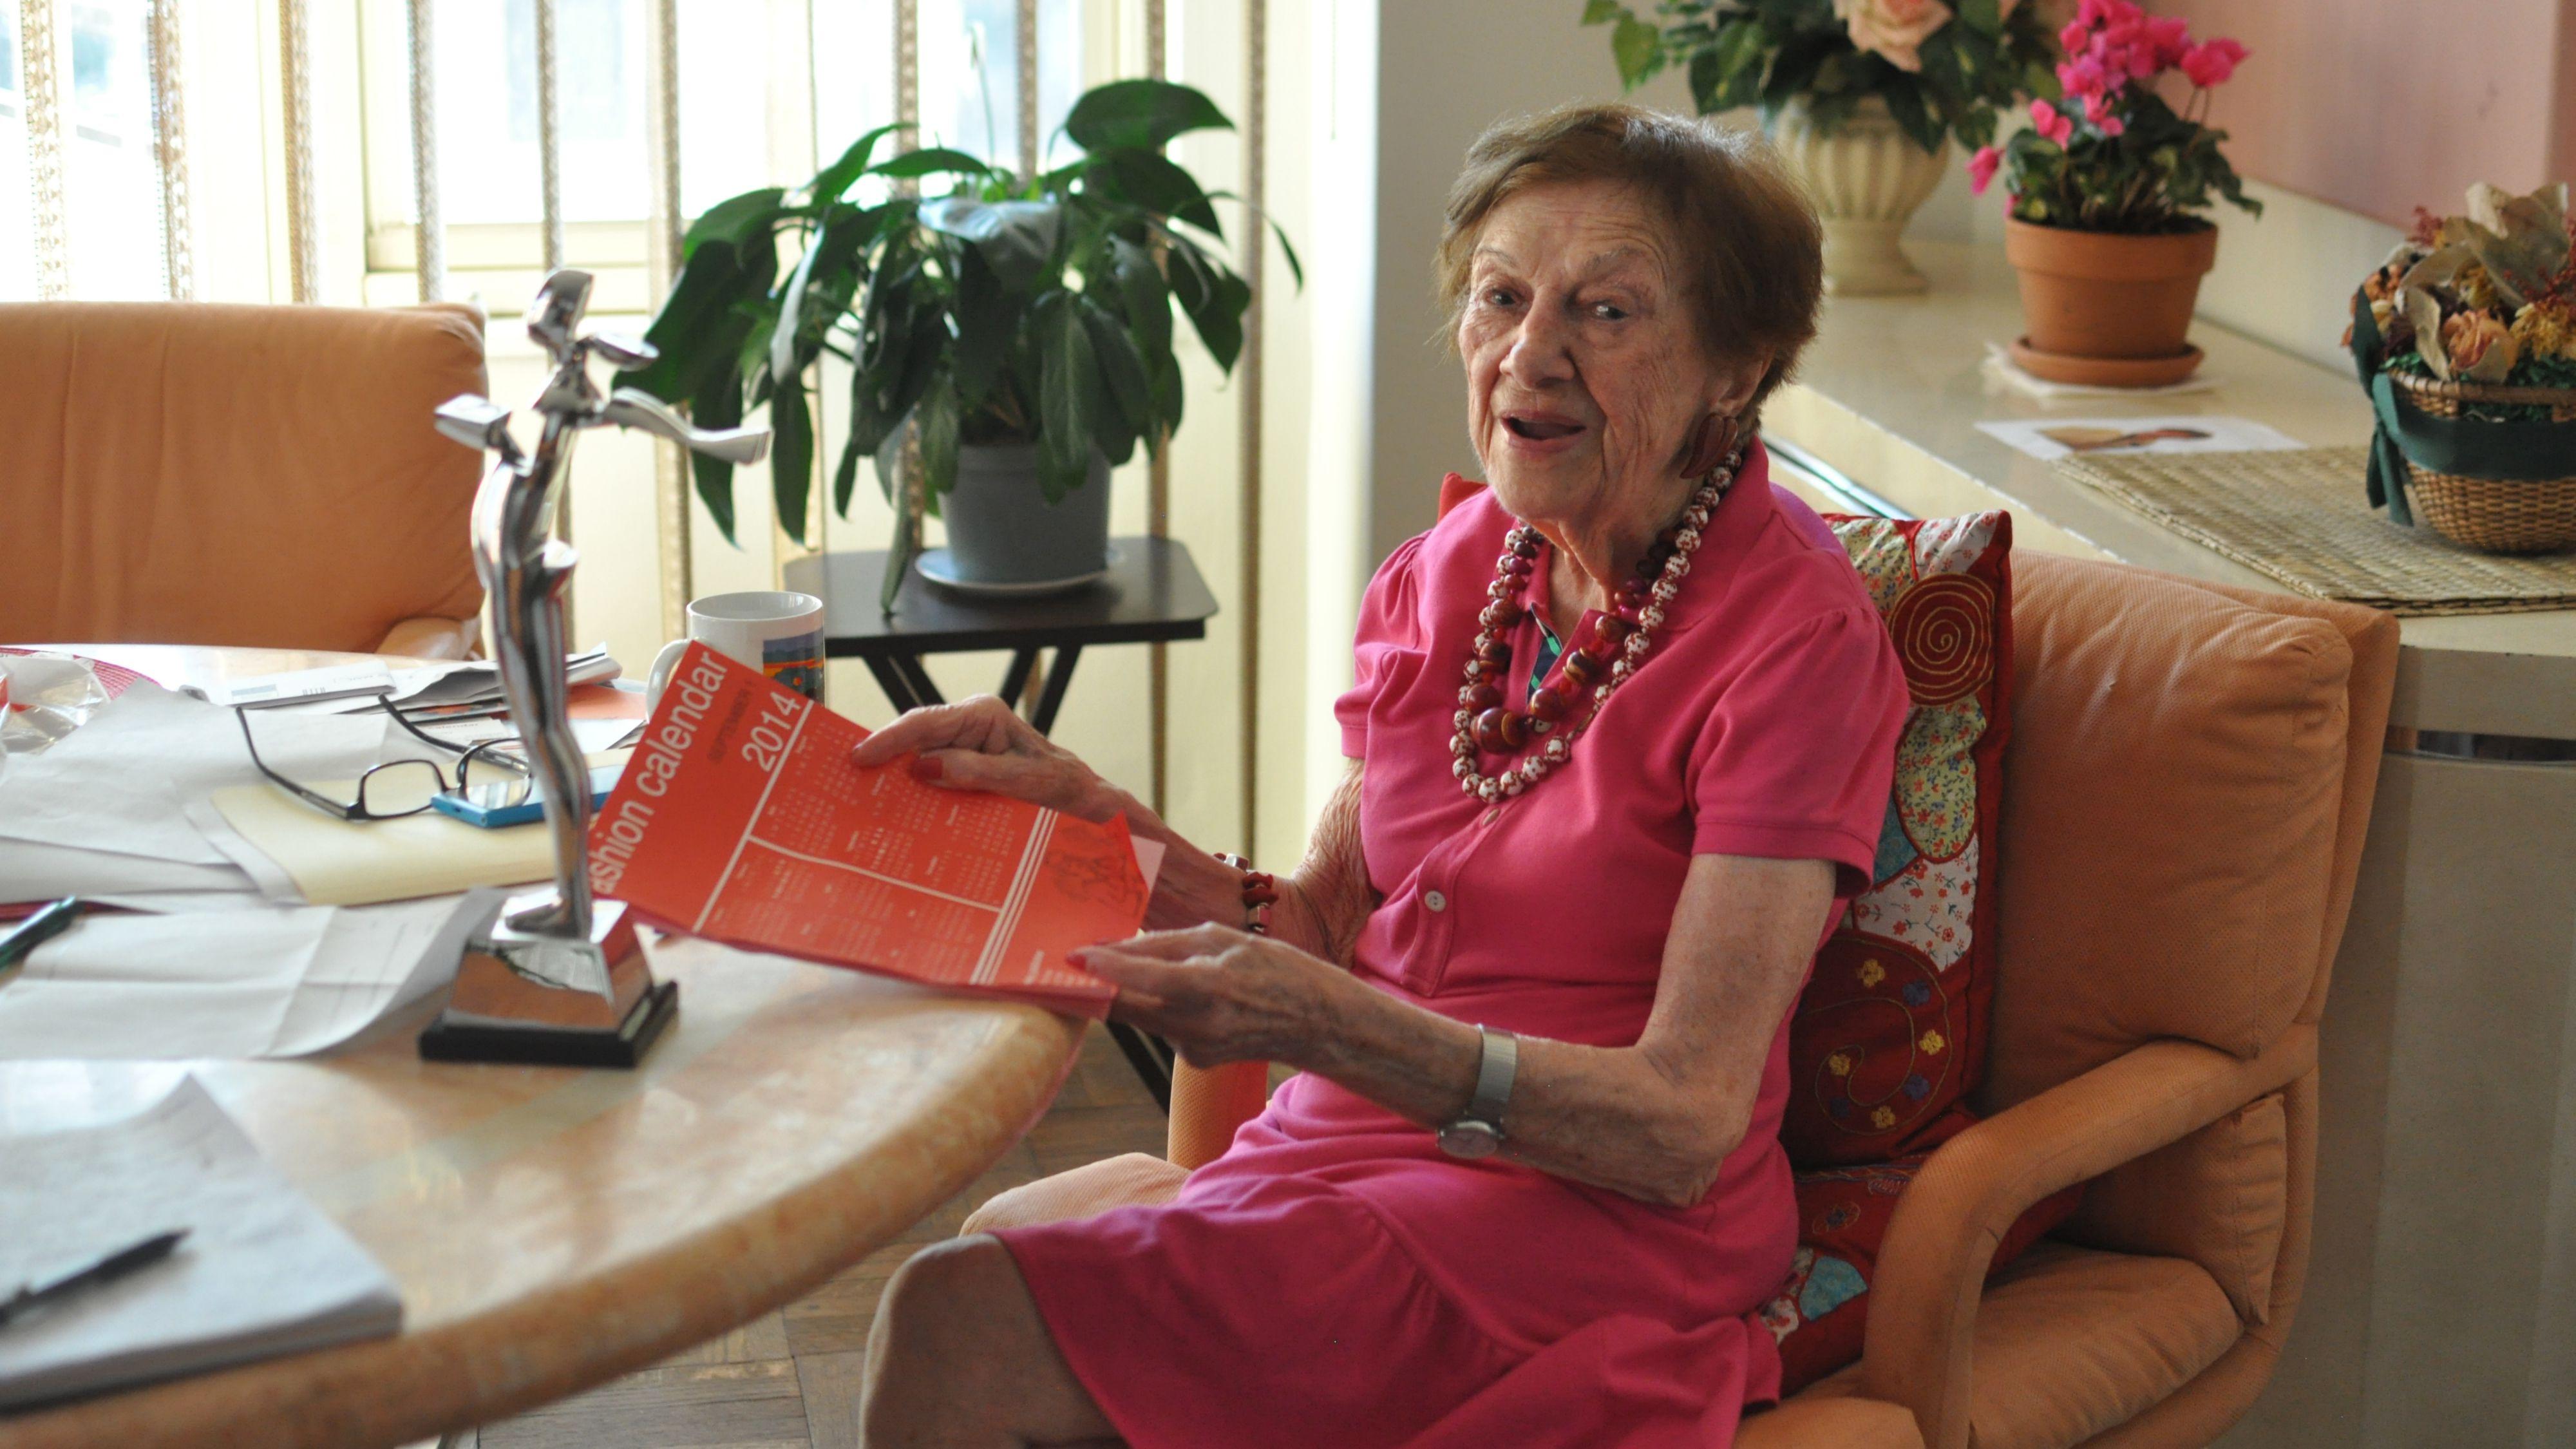 Ruth Finley, founder of the Fashion Calendar New York Fashion Week